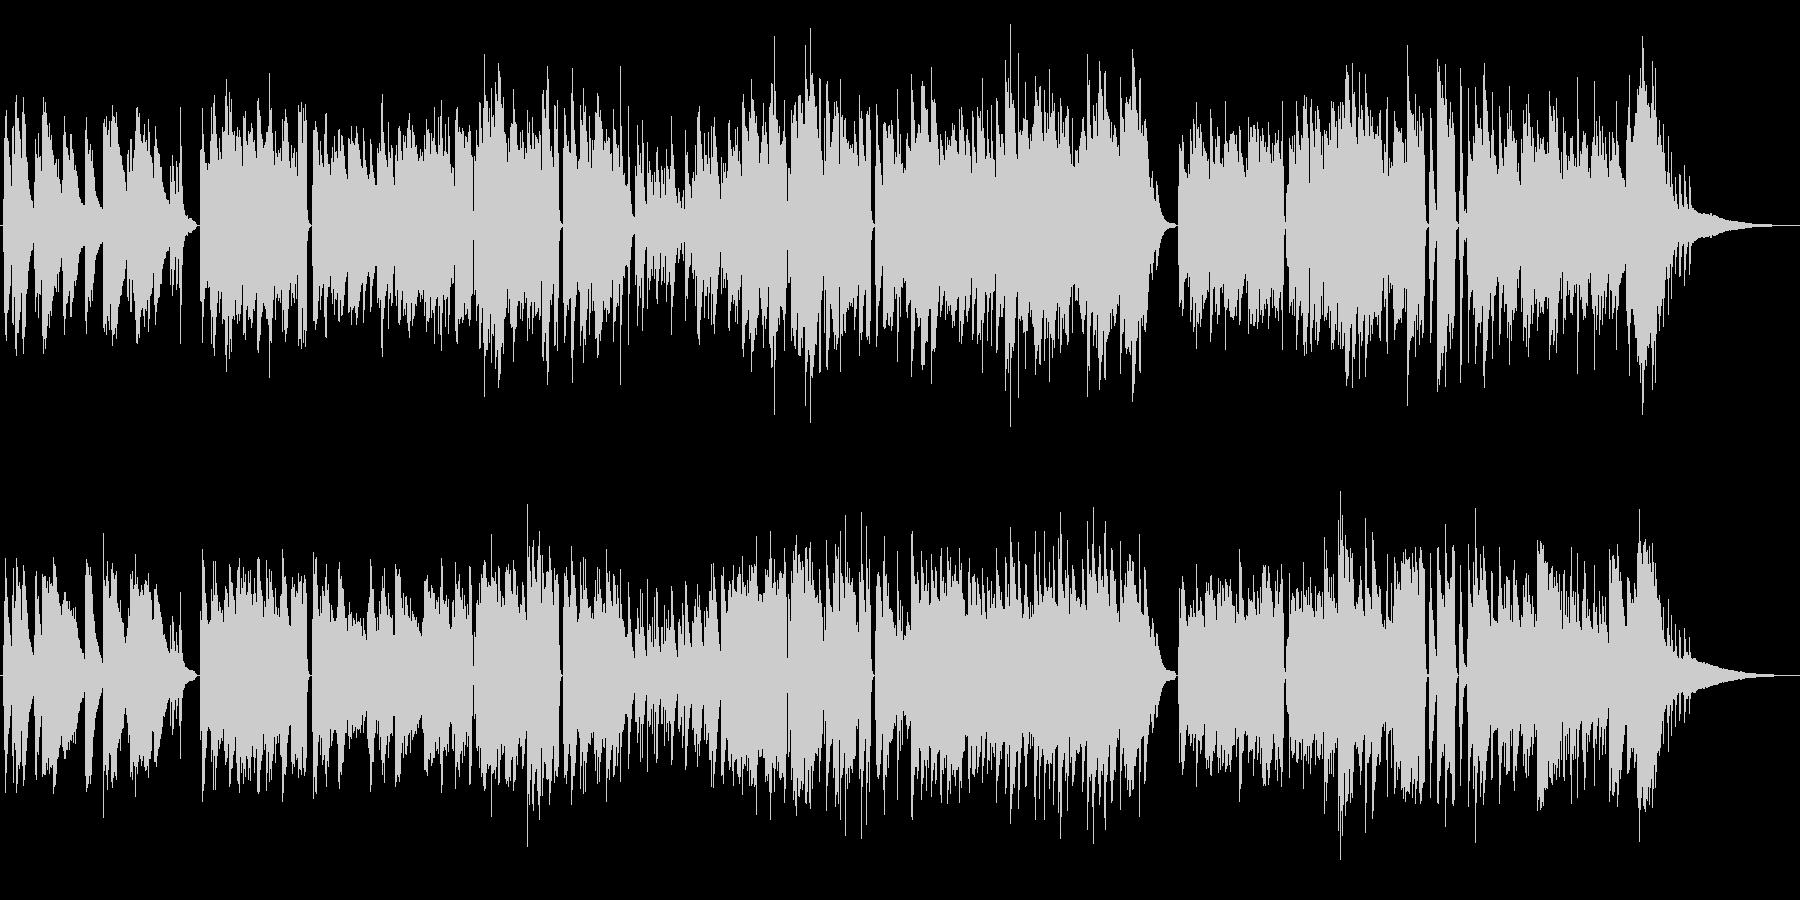 有名な曲のカバーアレンジの未再生の波形